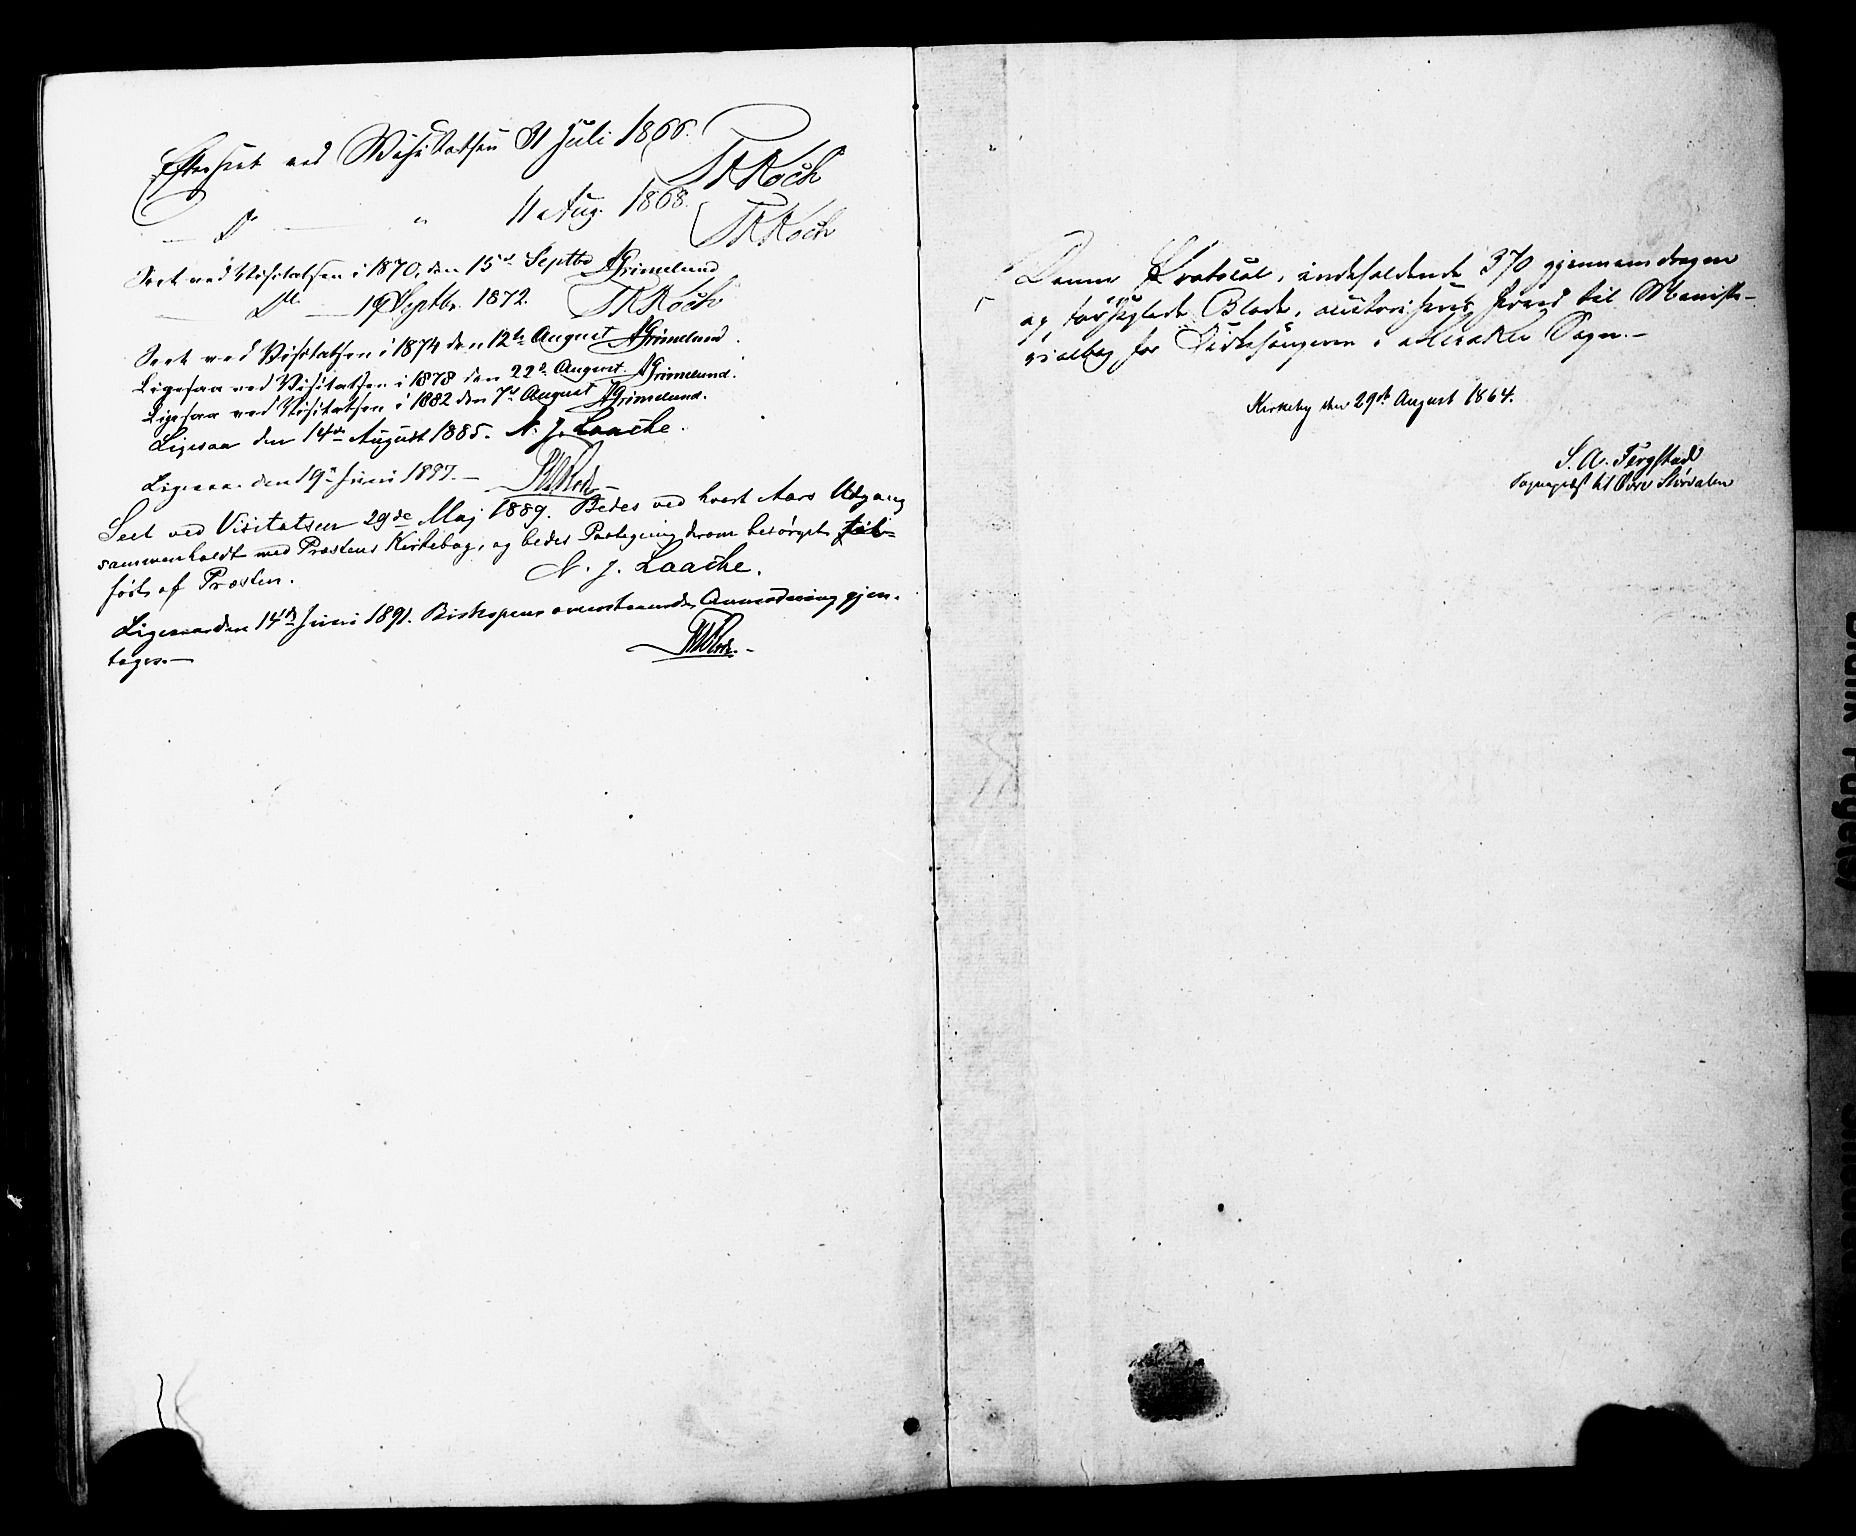 SAT, Ministerialprotokoller, klokkerbøker og fødselsregistre - Nord-Trøndelag, 706/L0049: Klokkerbok nr. 706C01, 1864-1895